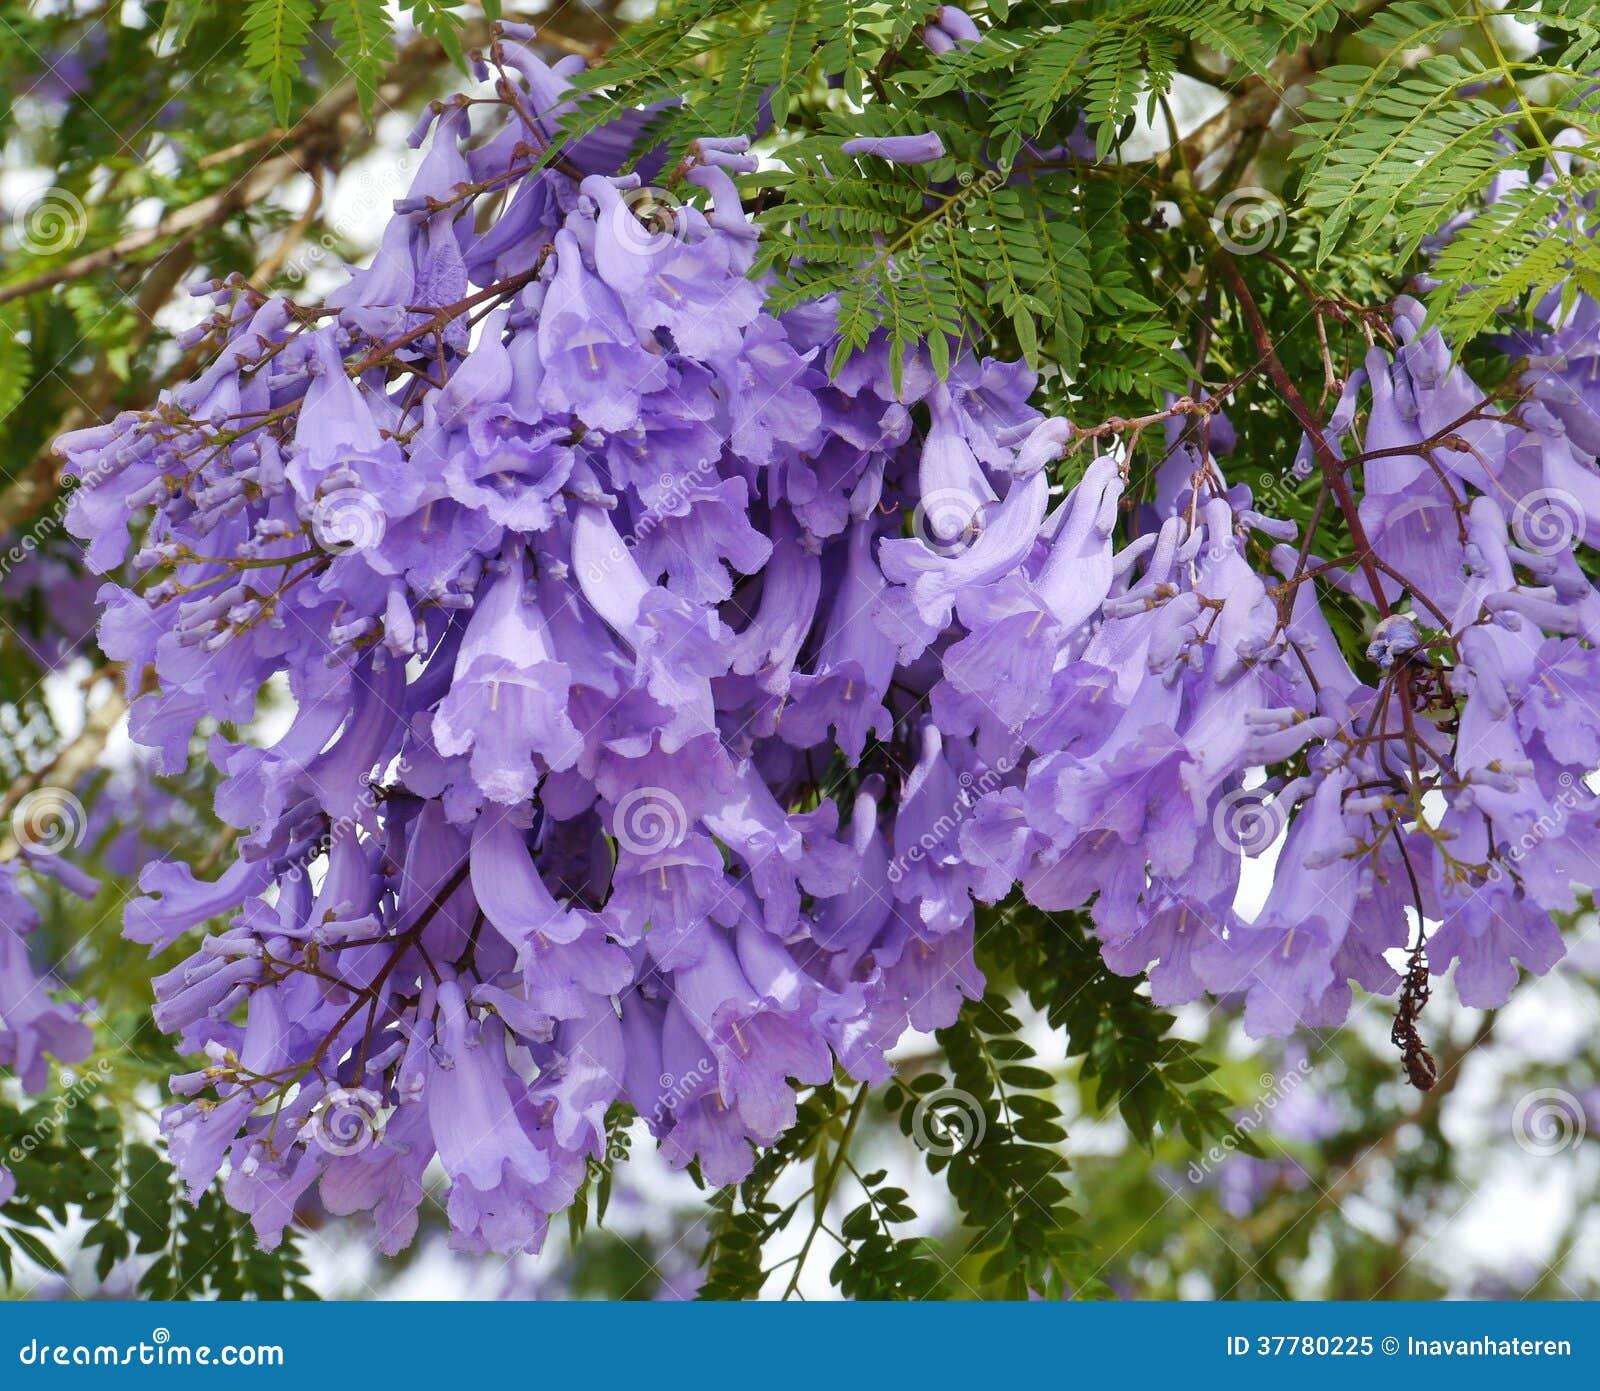 Fleurs De Trompette Violettes Dans Un Arbre Photo libre de droits - Image: 37780225